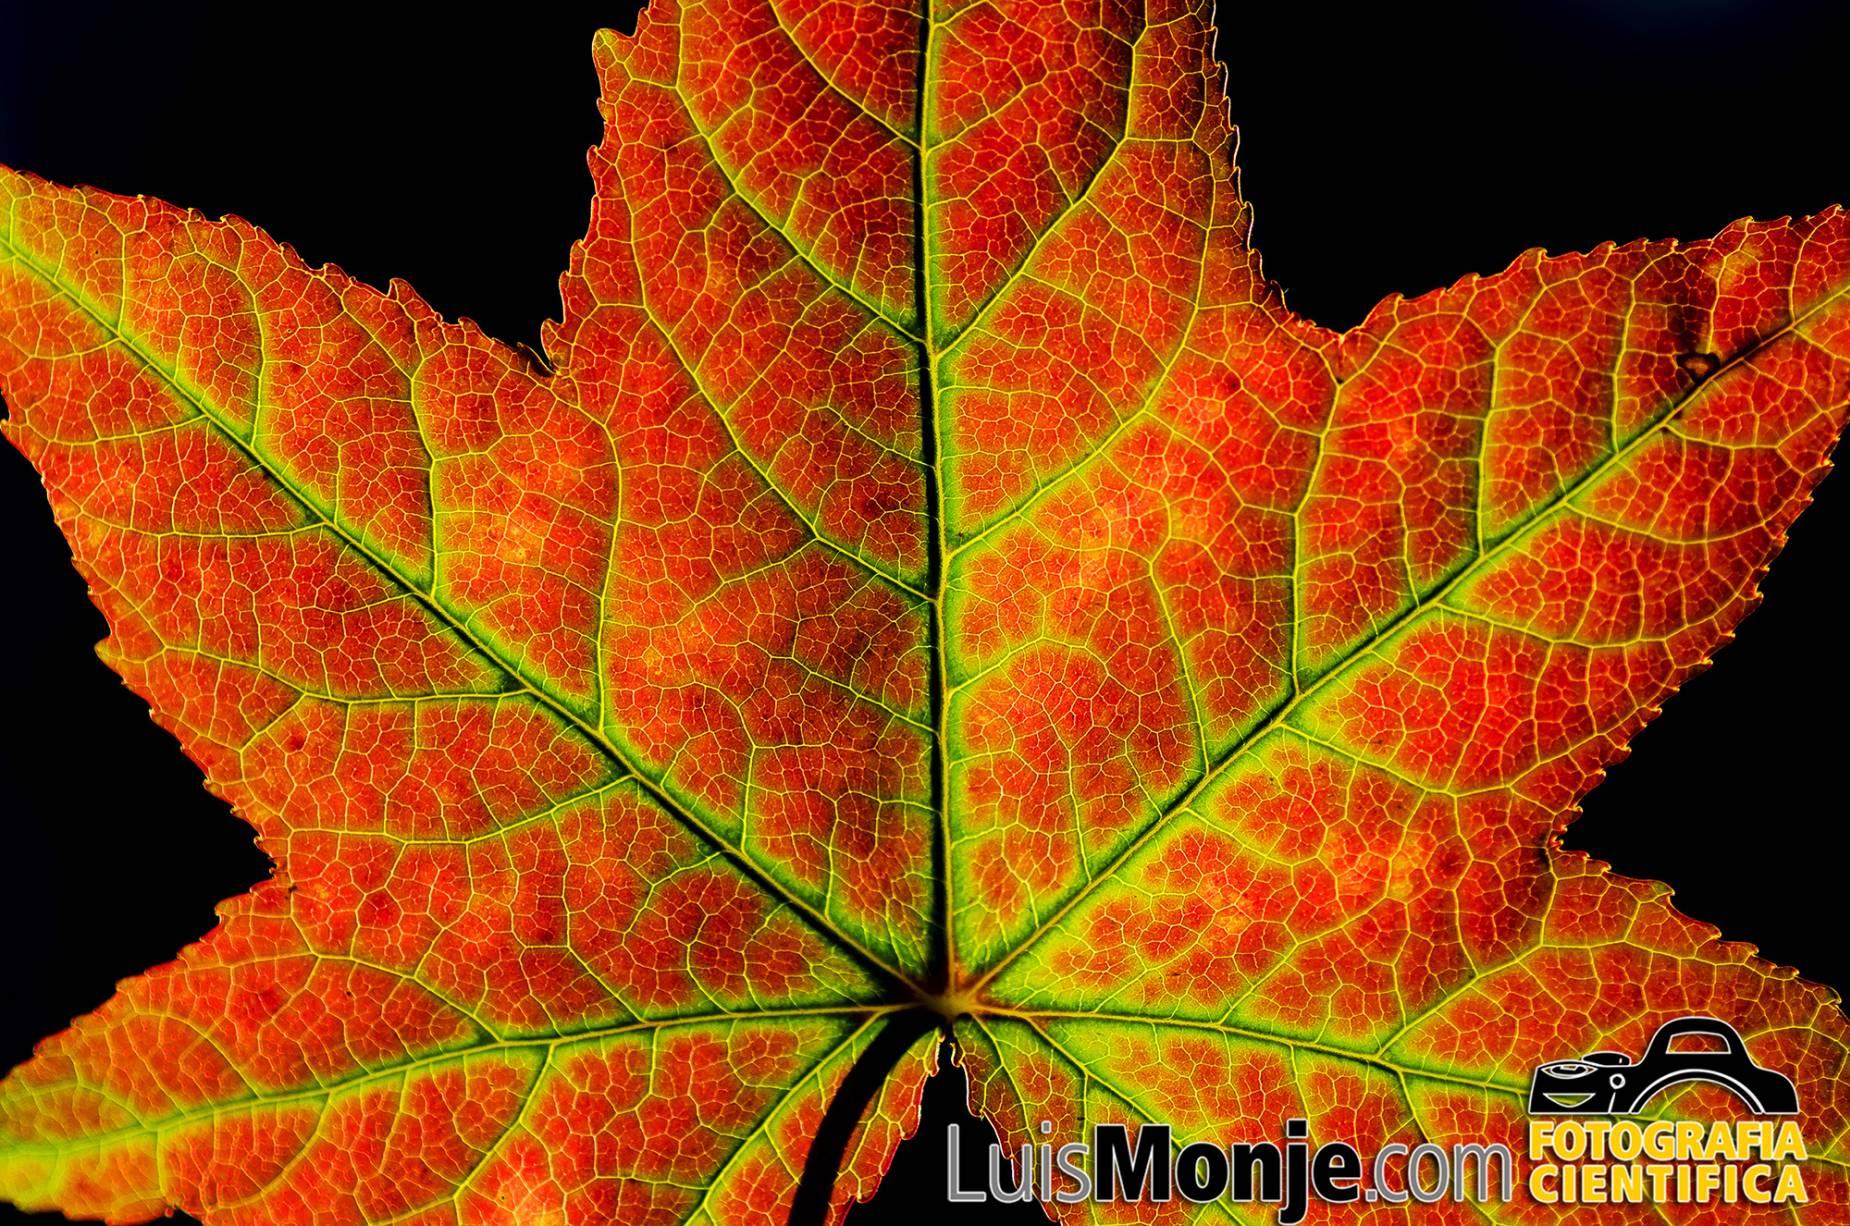 Luis Monje Fotografia Cientificapor Que Las Hojas De Los Arboles - Hojas-de-arboles